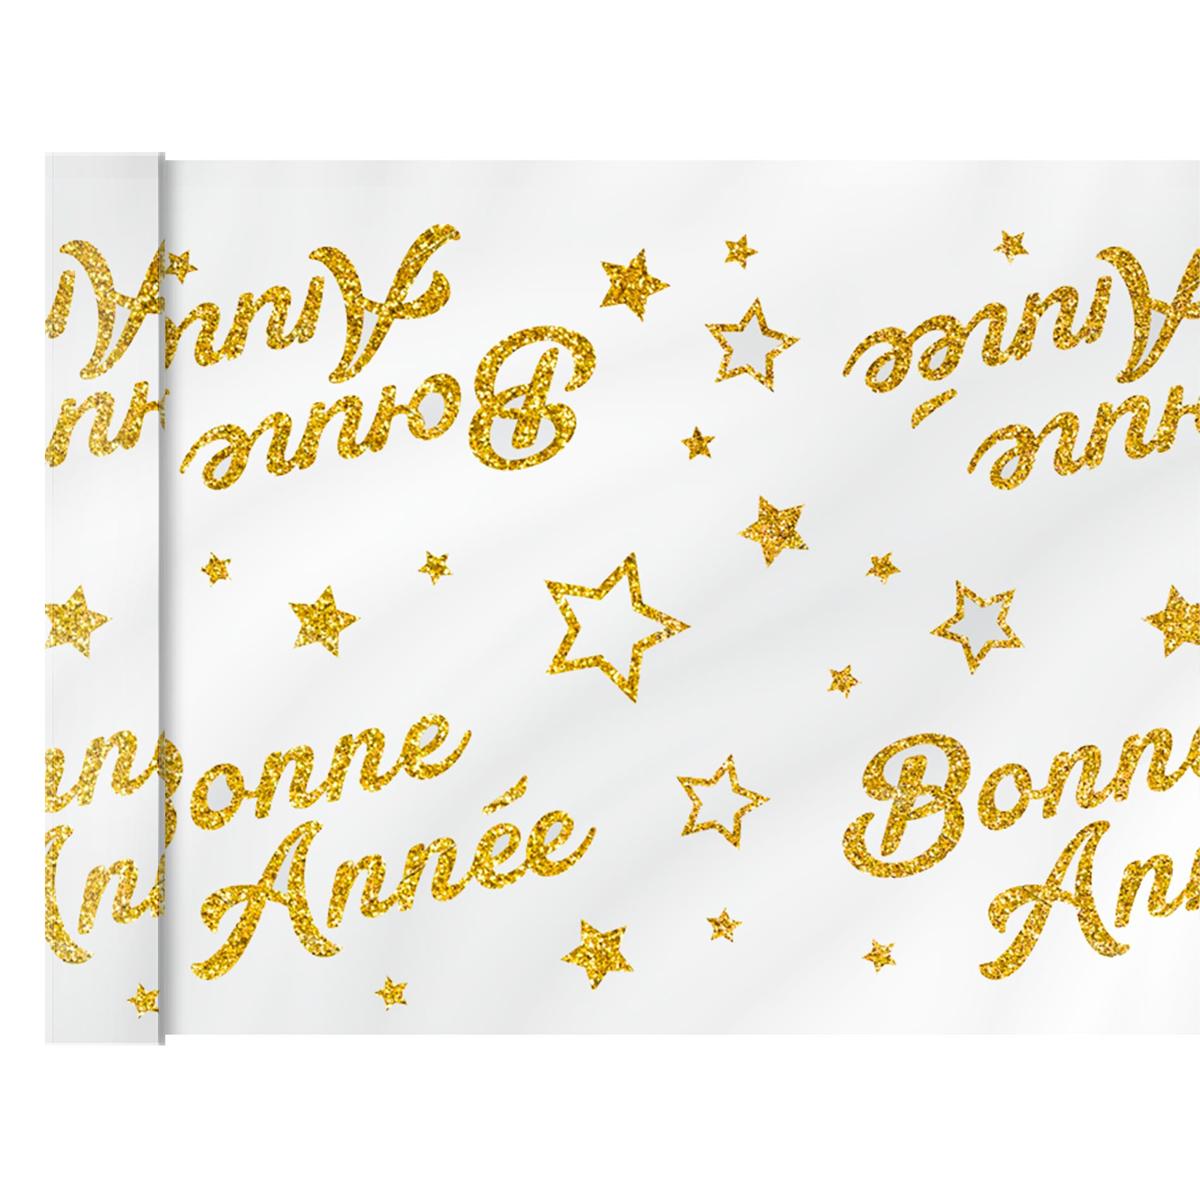 Chemin de table voile pailleté \'Bonne Année\' doré - 4 m x 28 cm - [A3174]